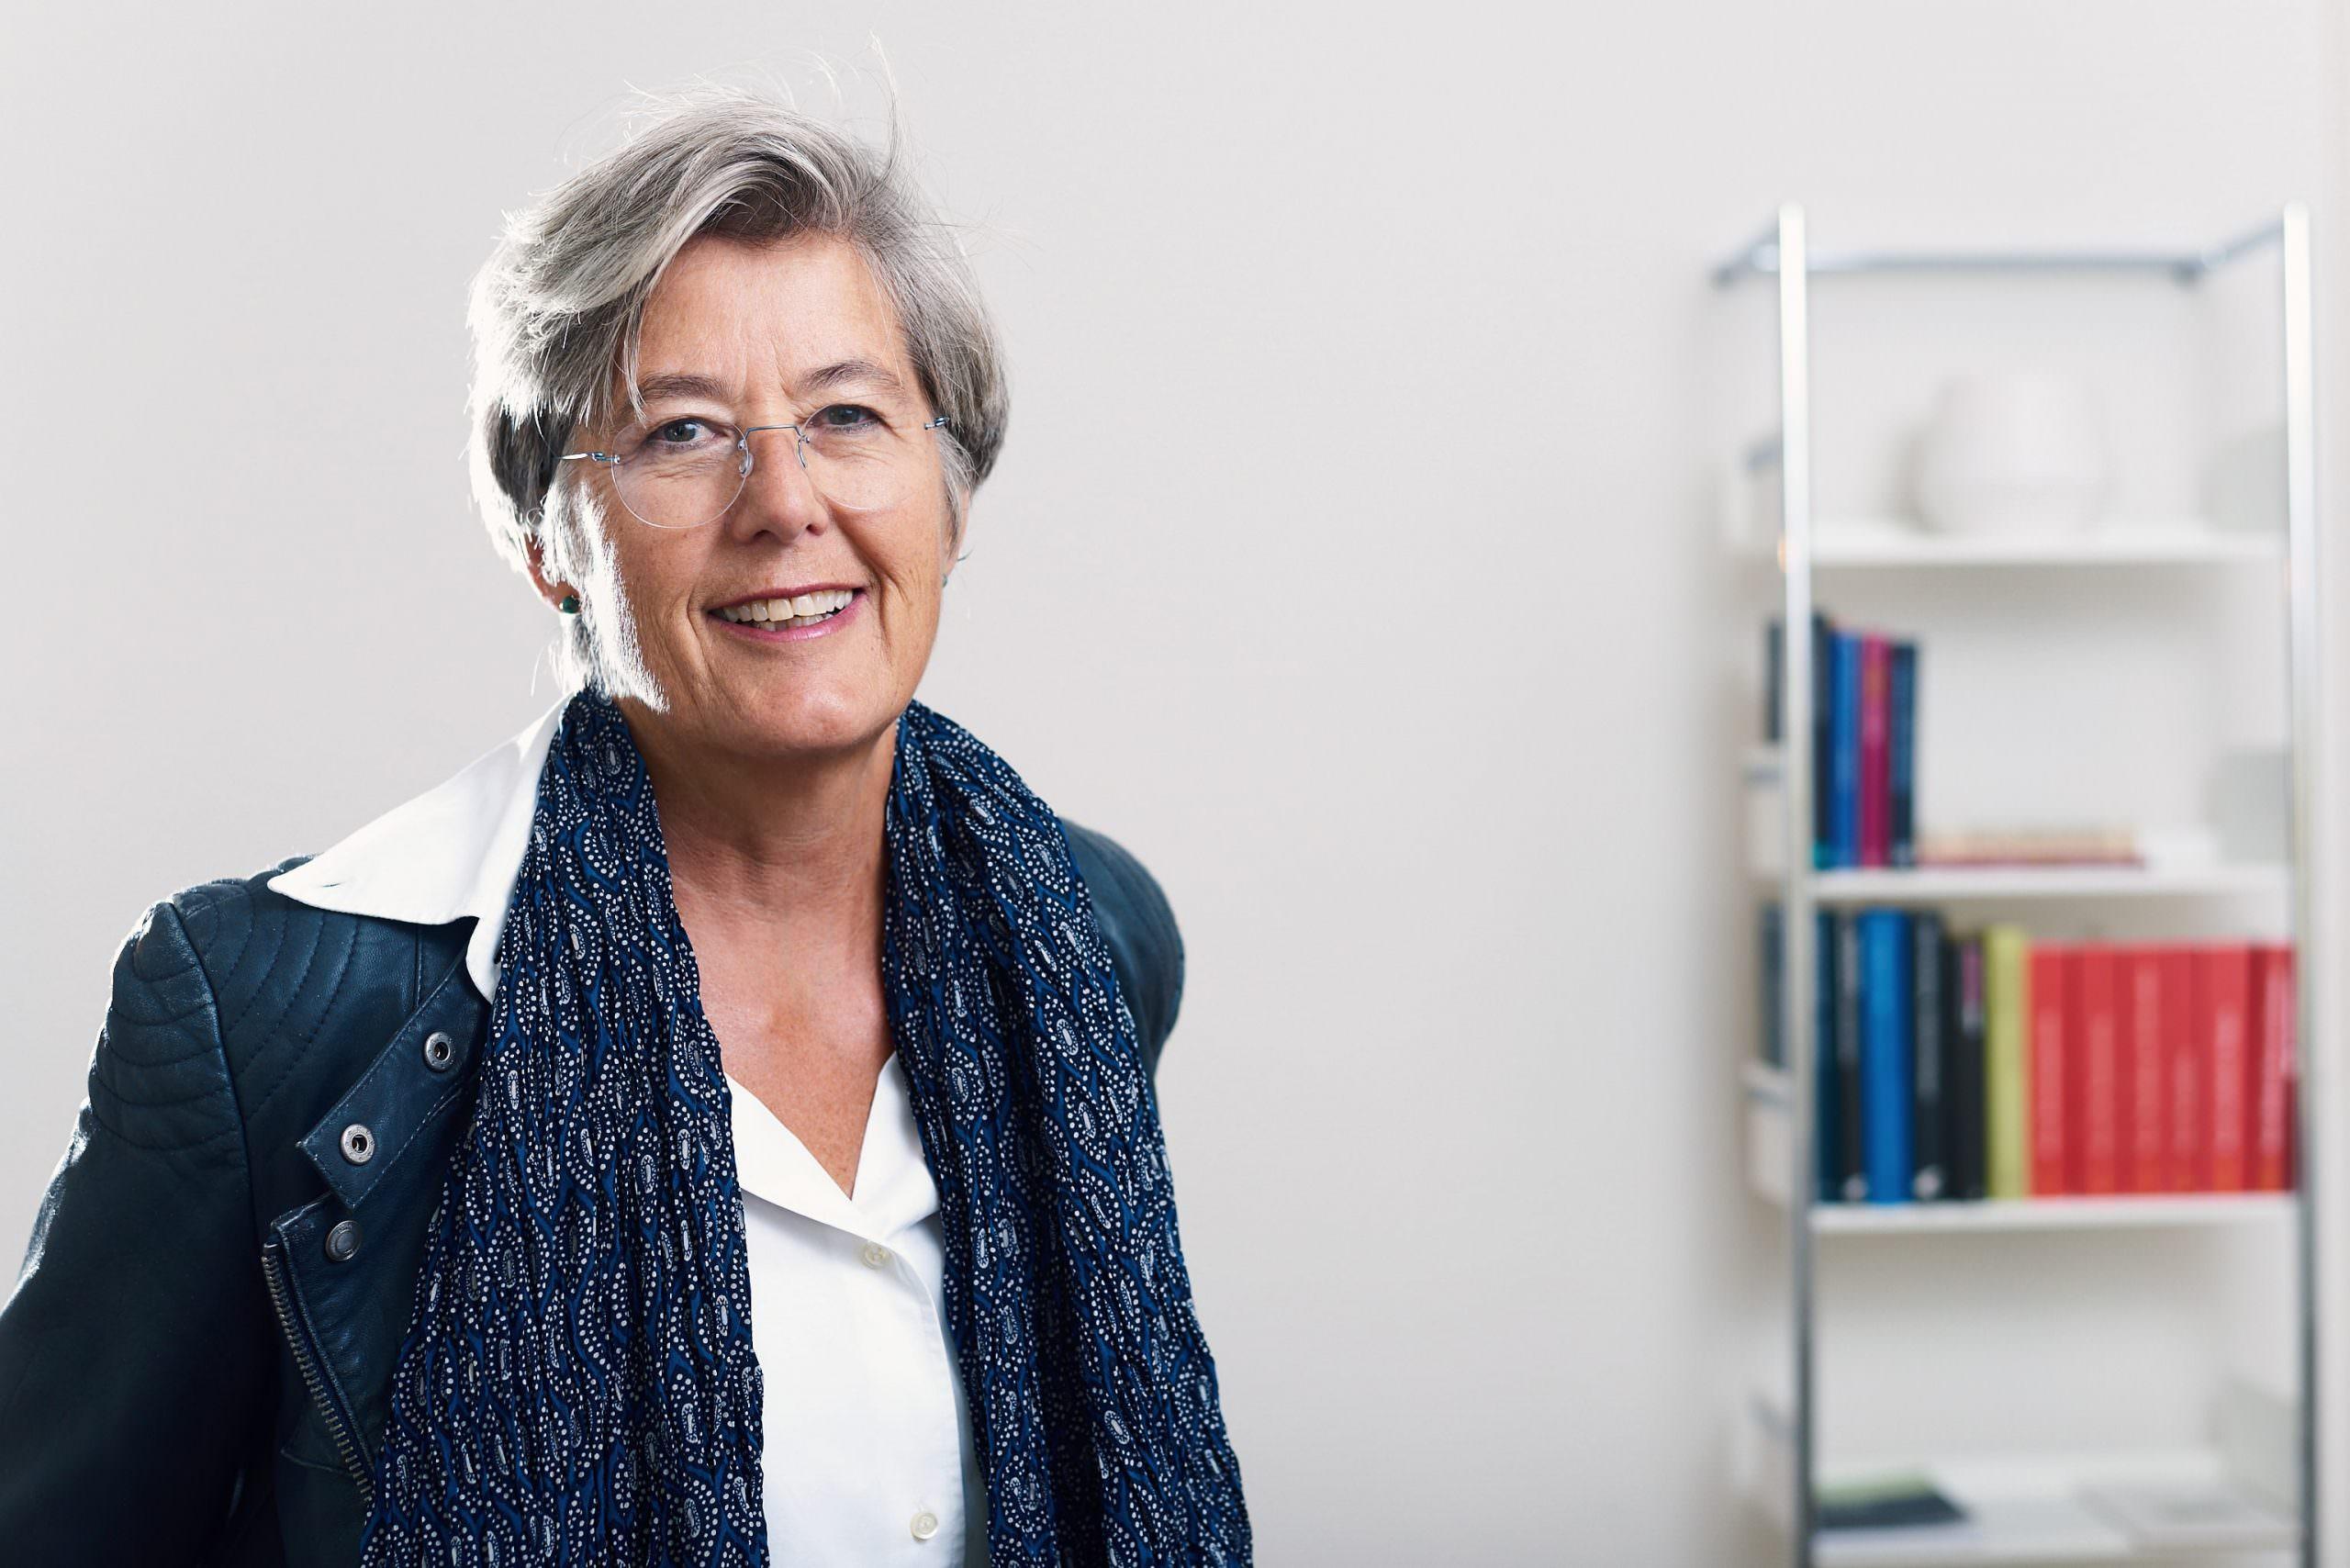 Marianne Winterhalter